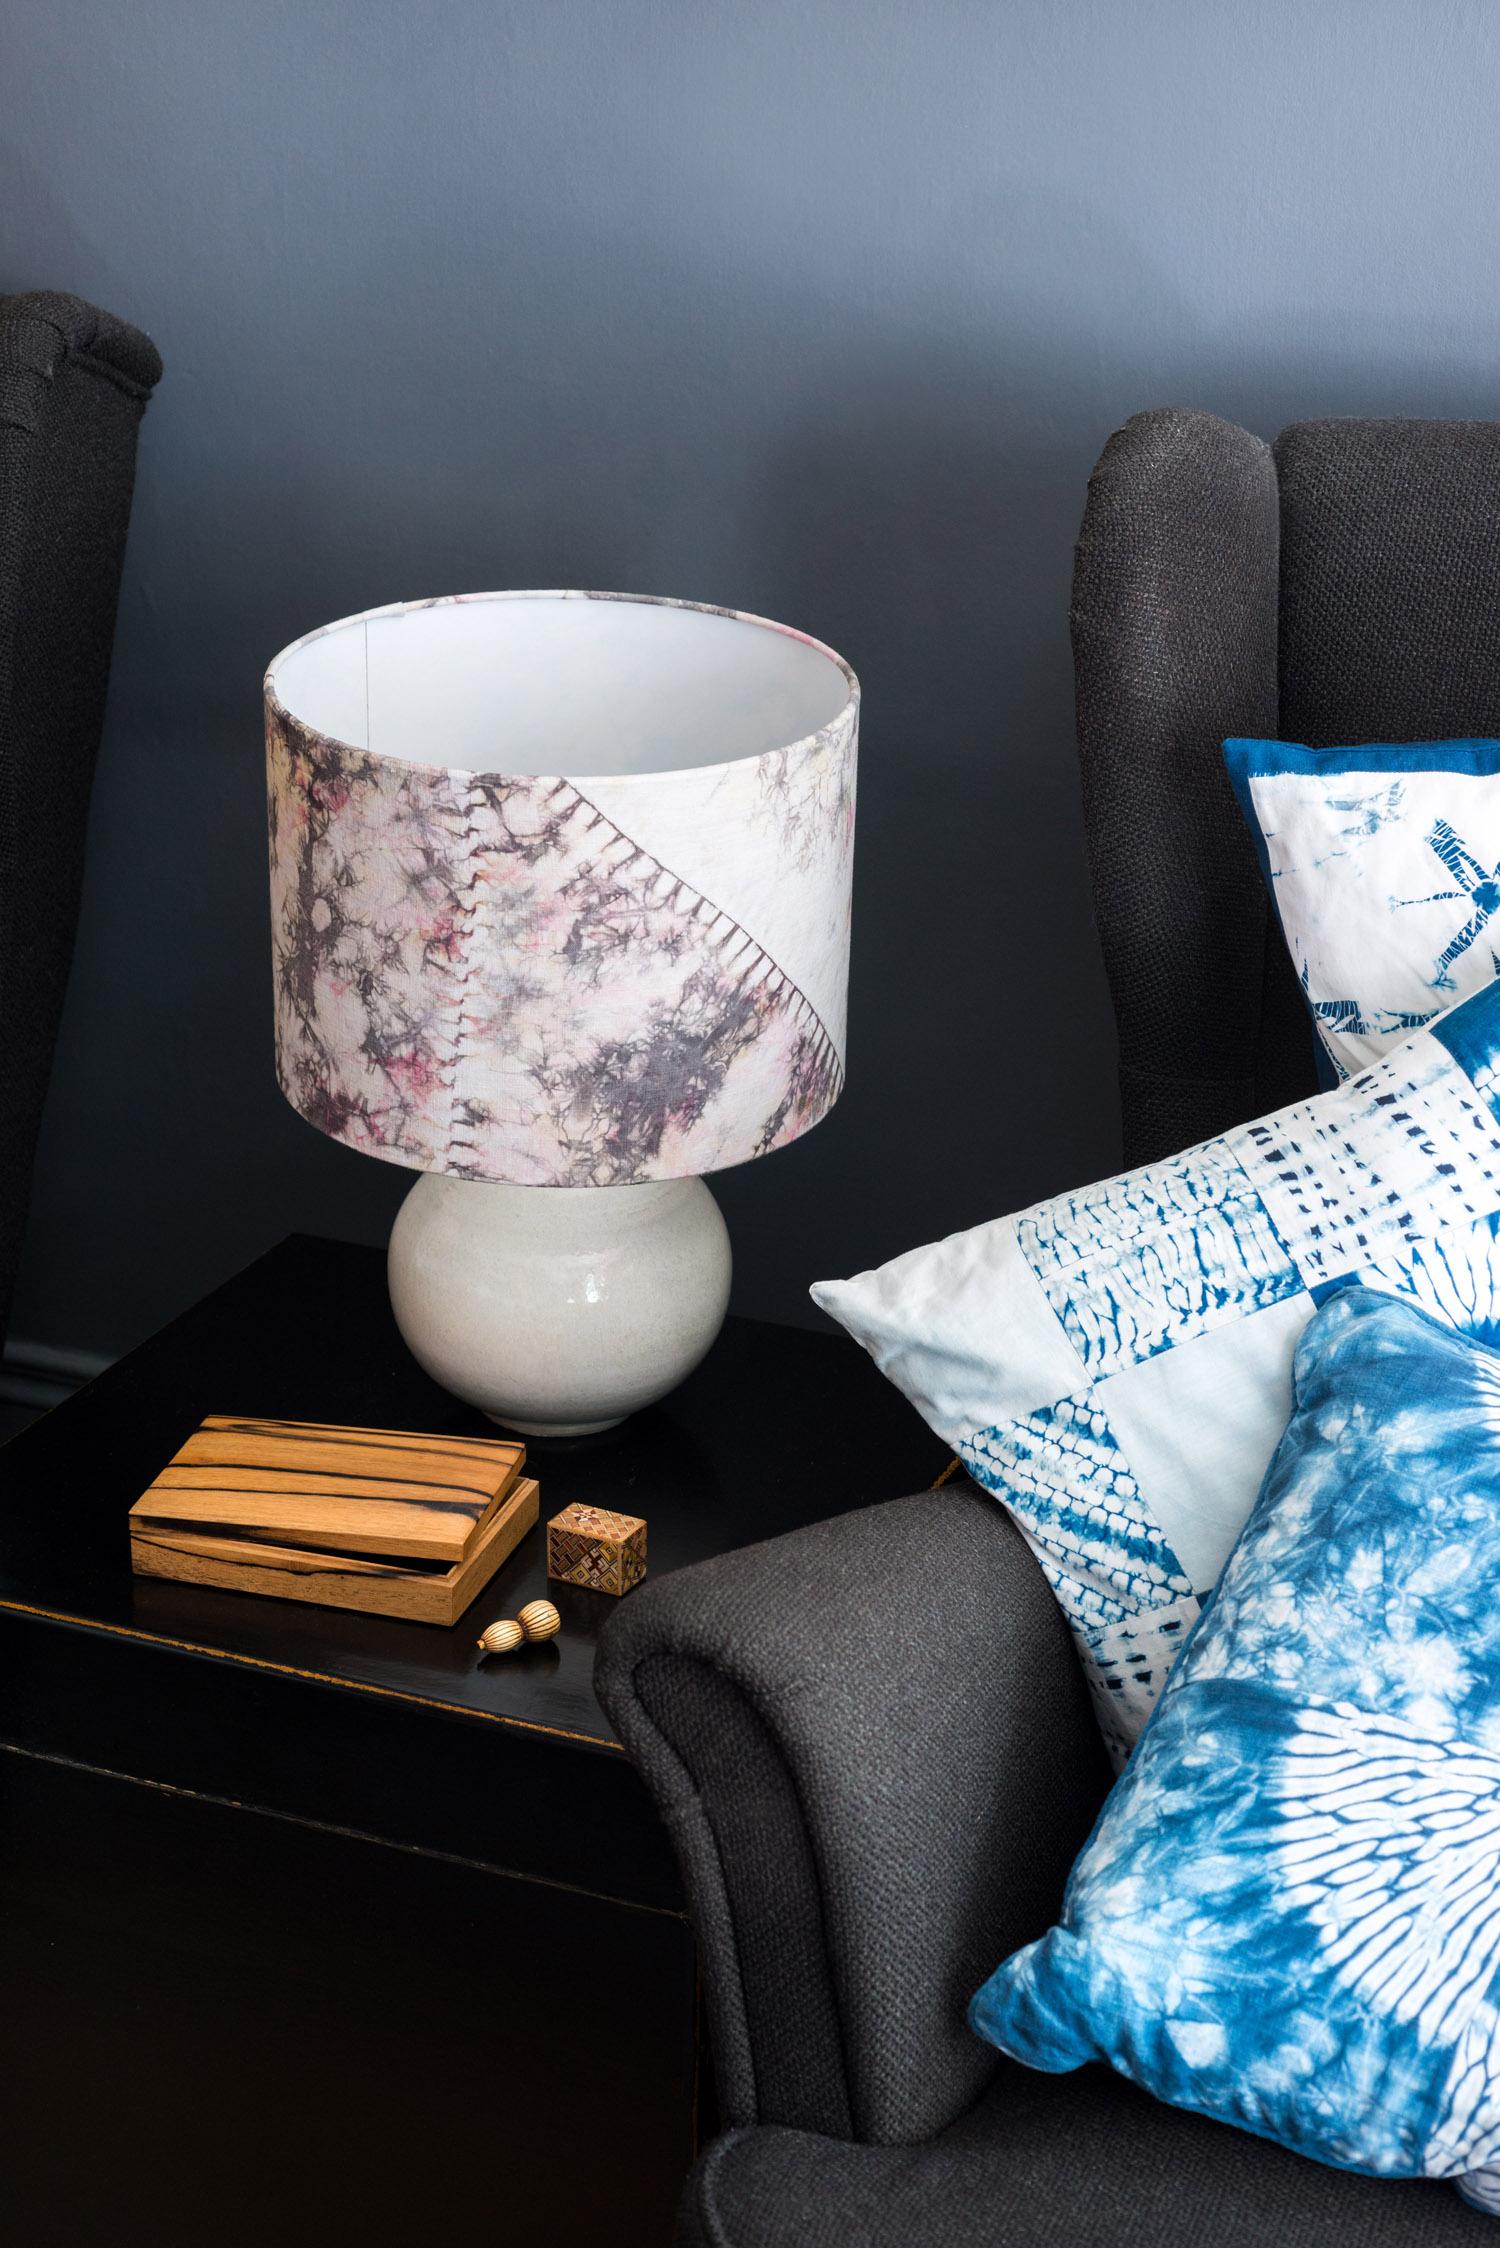 Multicoloured orimaki shibori lampshade